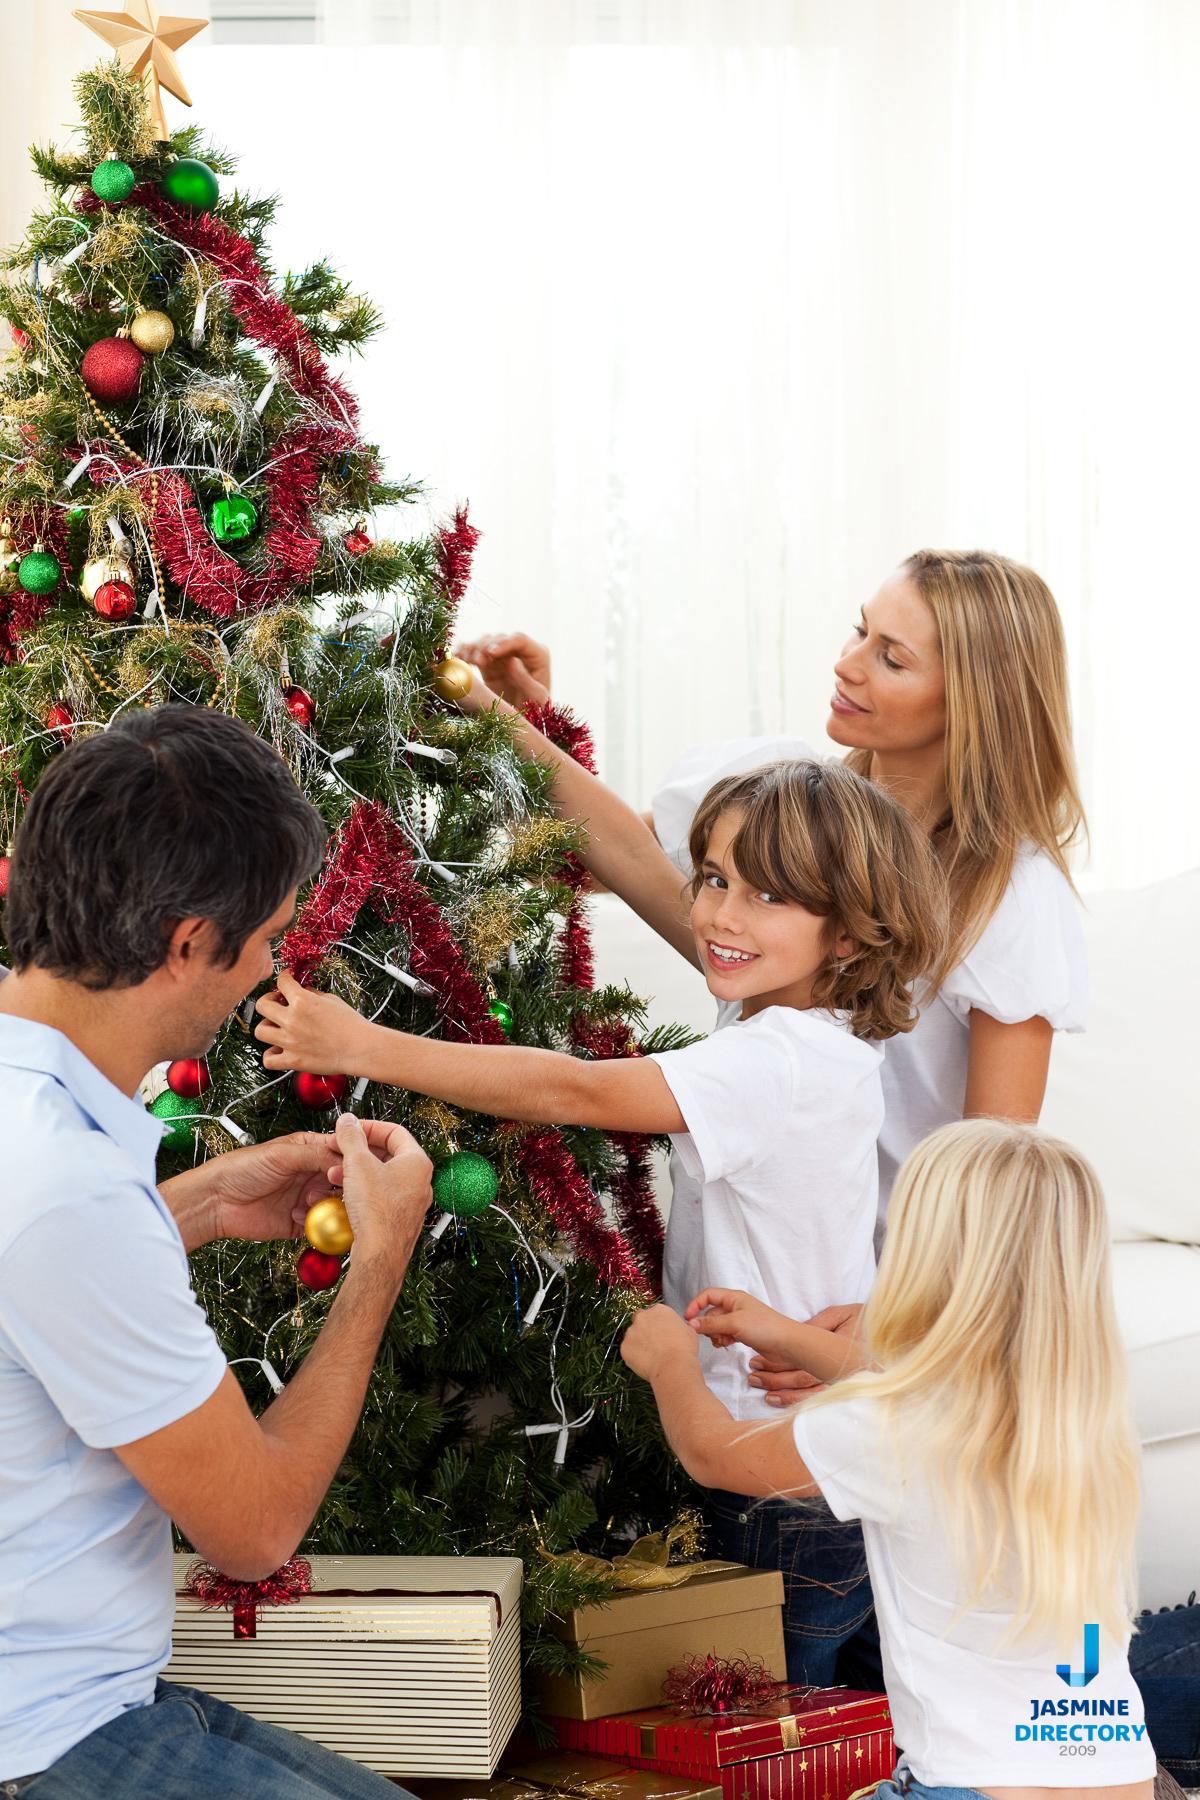 Christmas Day - Christmas tree